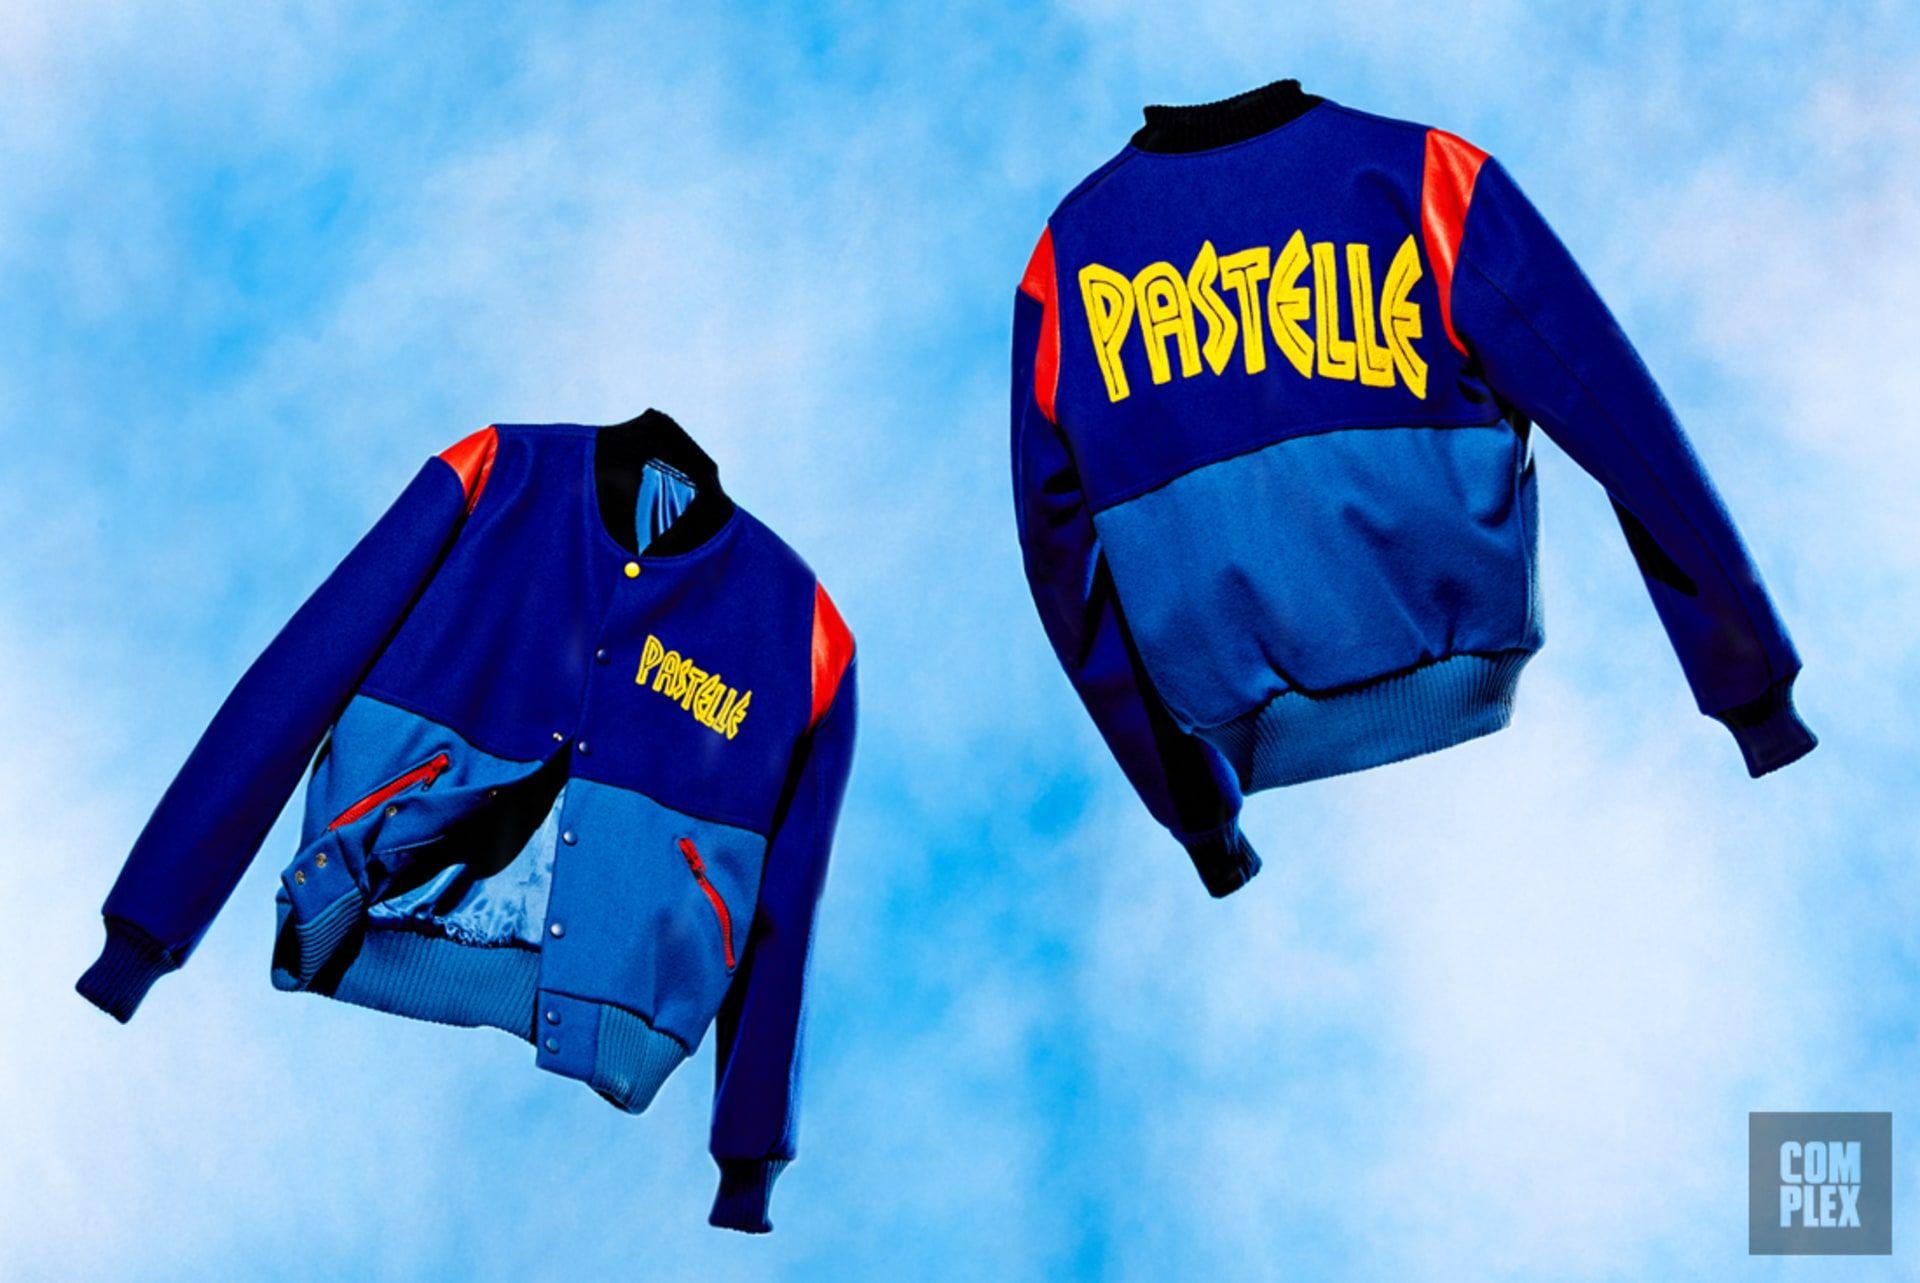 Kanye West Pastelle Fleece Jacket One Clothing Varsity Jacket Kanye West